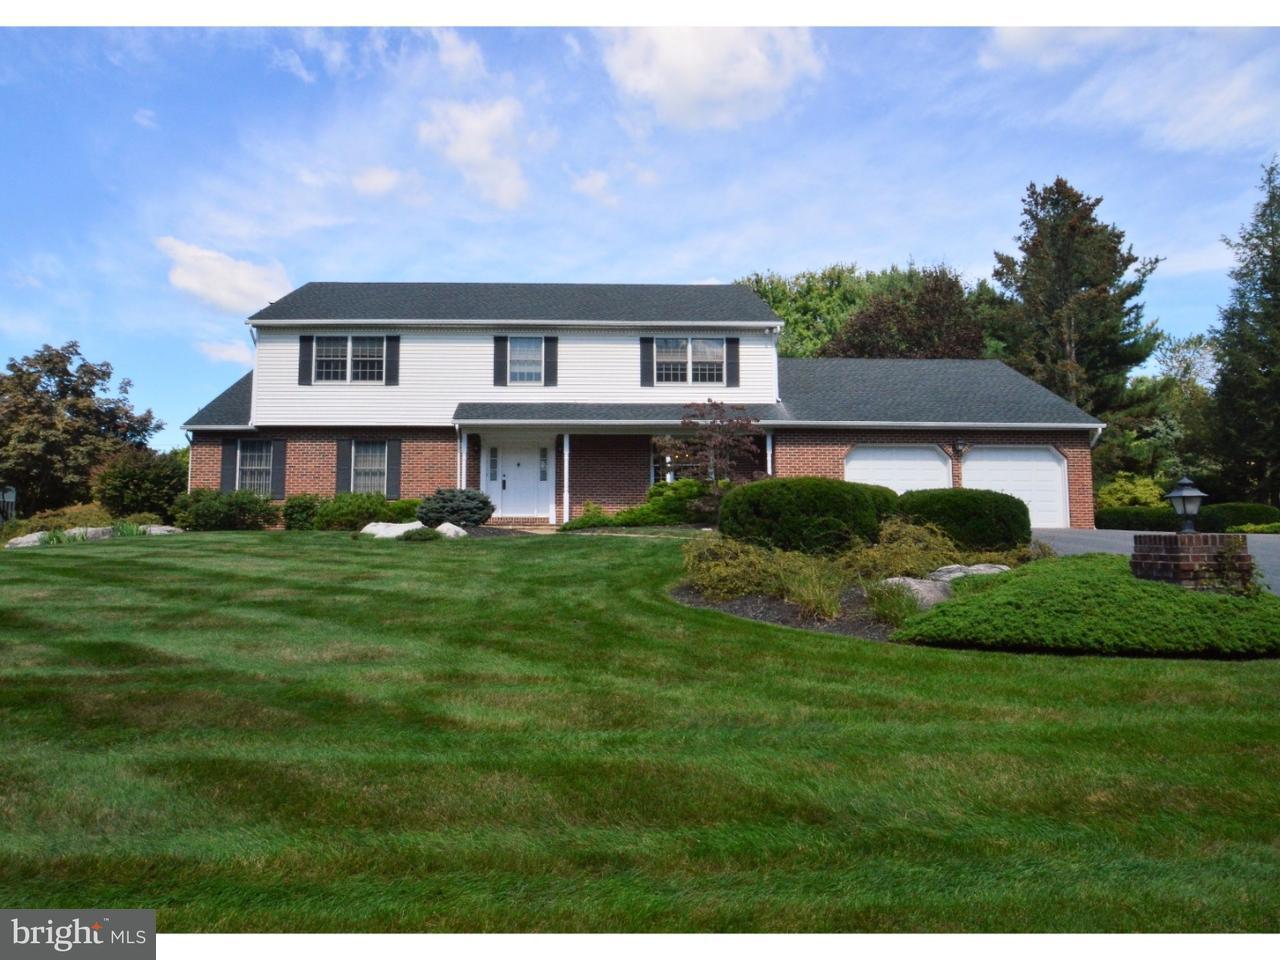 단독 가정 주택 용 매매 에 880 YORKSHIRE Road Northampton, 펜실바니아 18017 미국